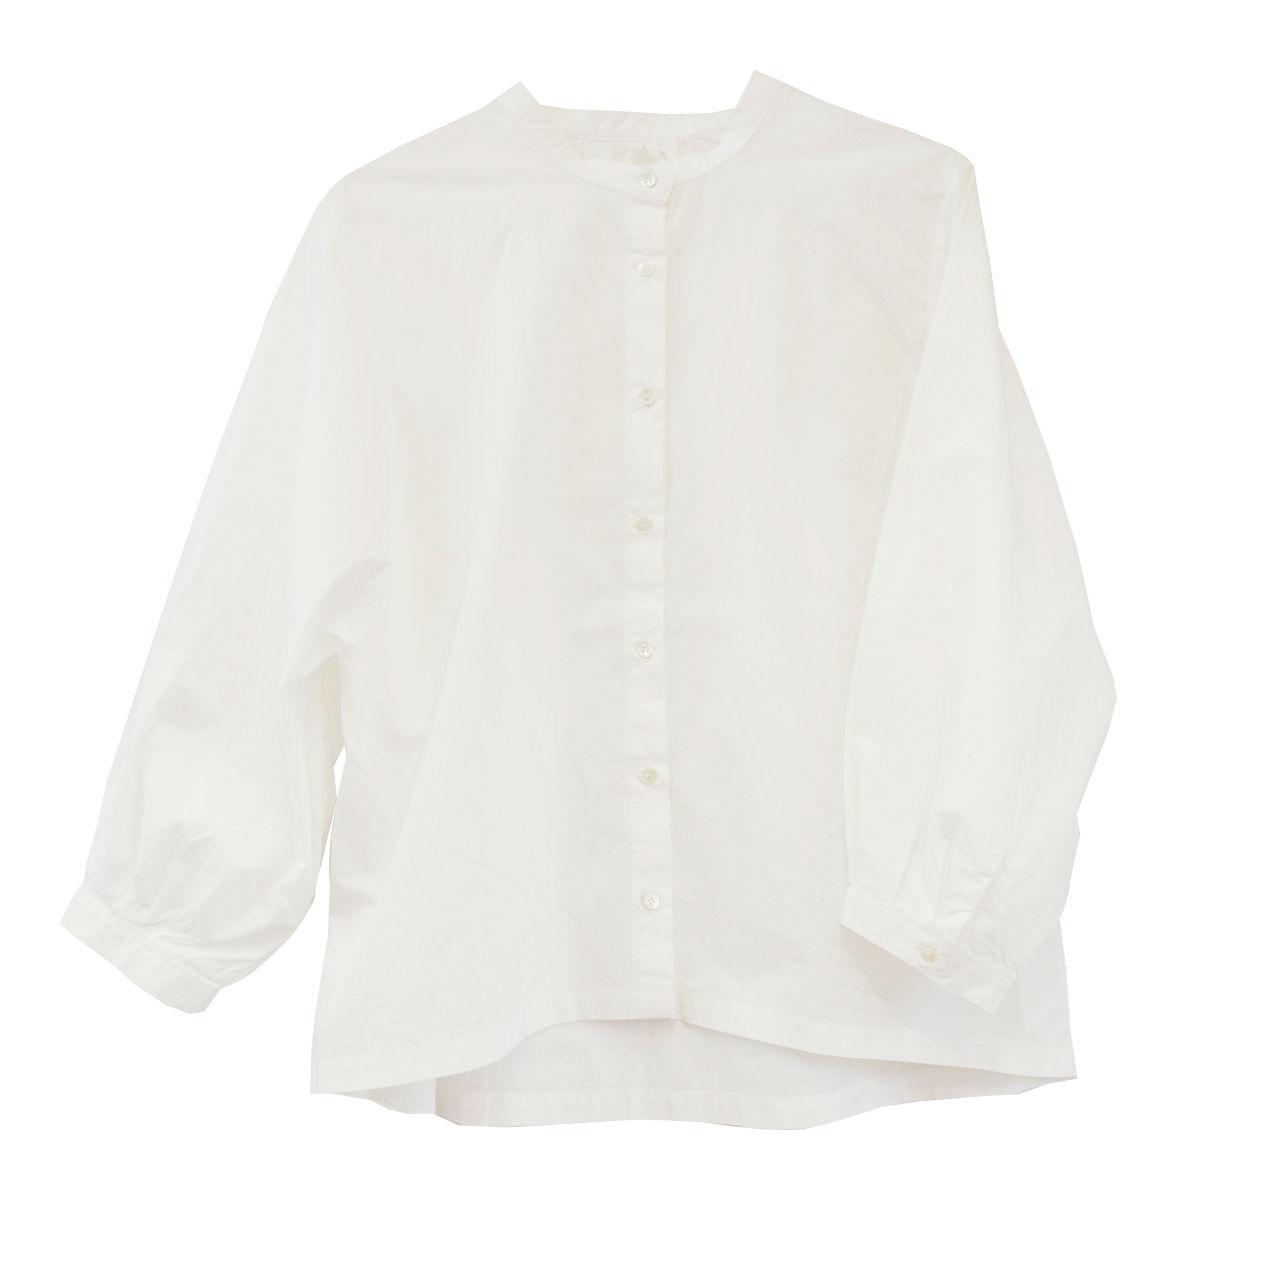 ノーカラータイプライターシャツ ホワイト